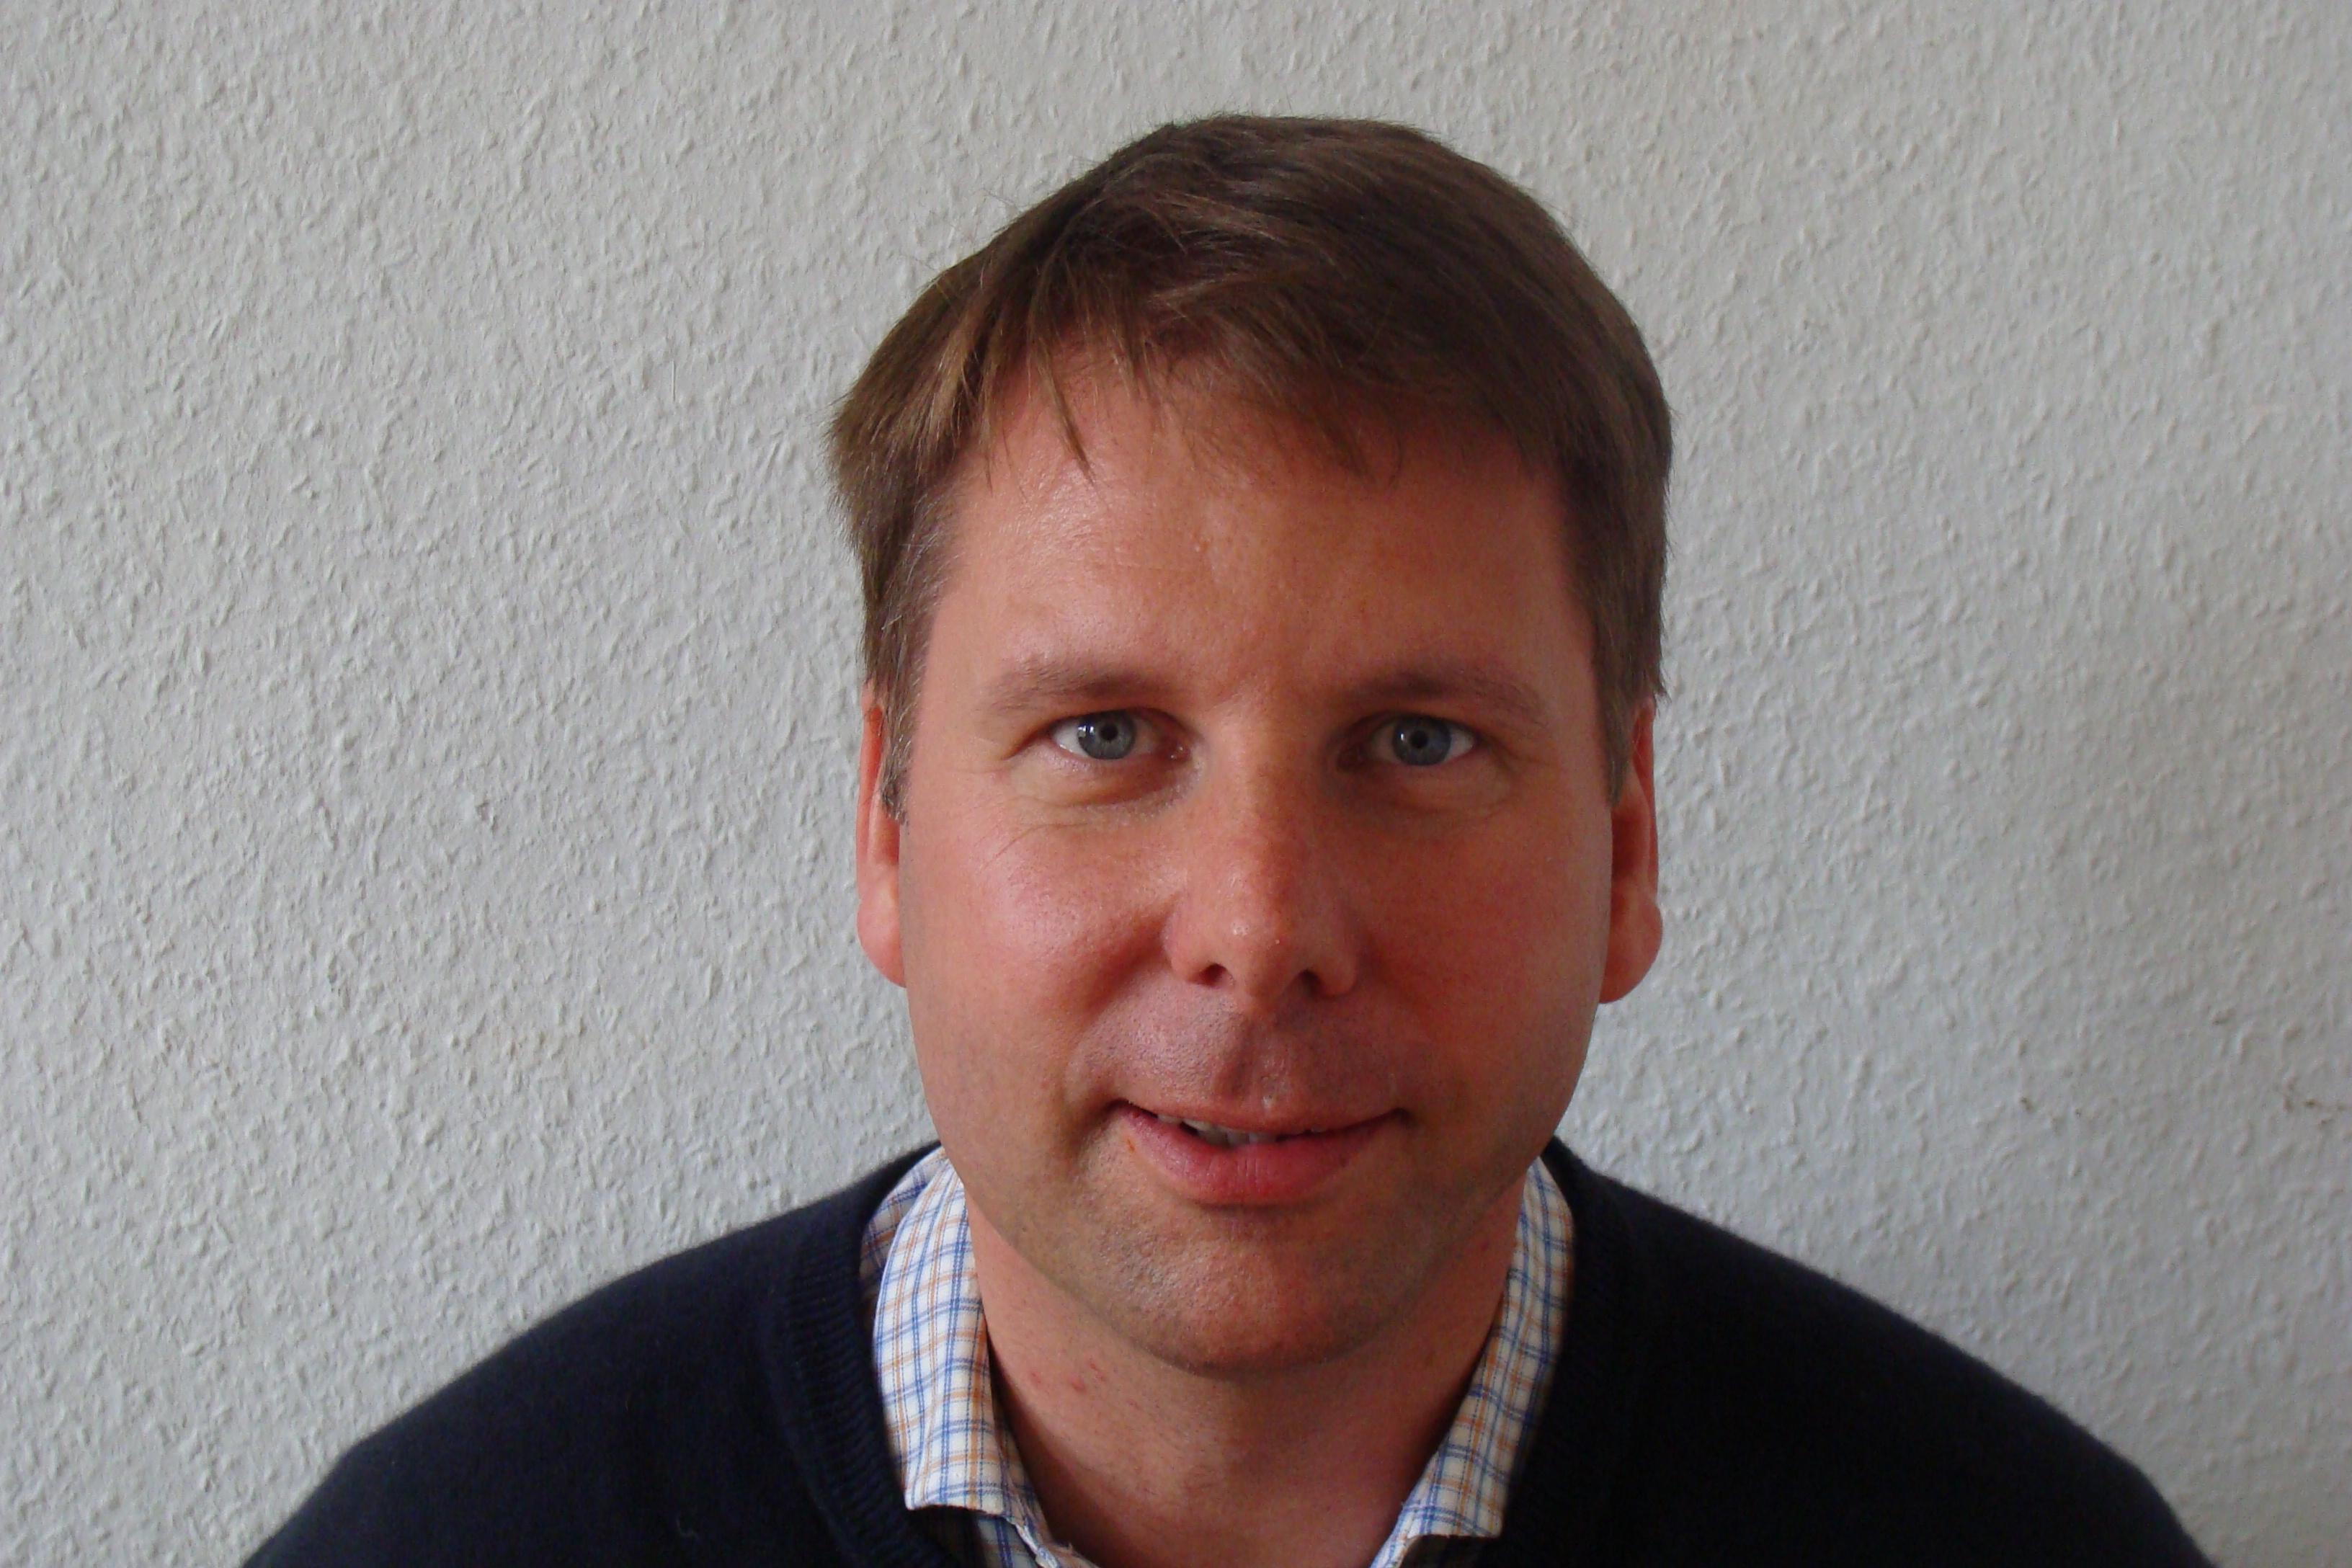 Nils Wöbke